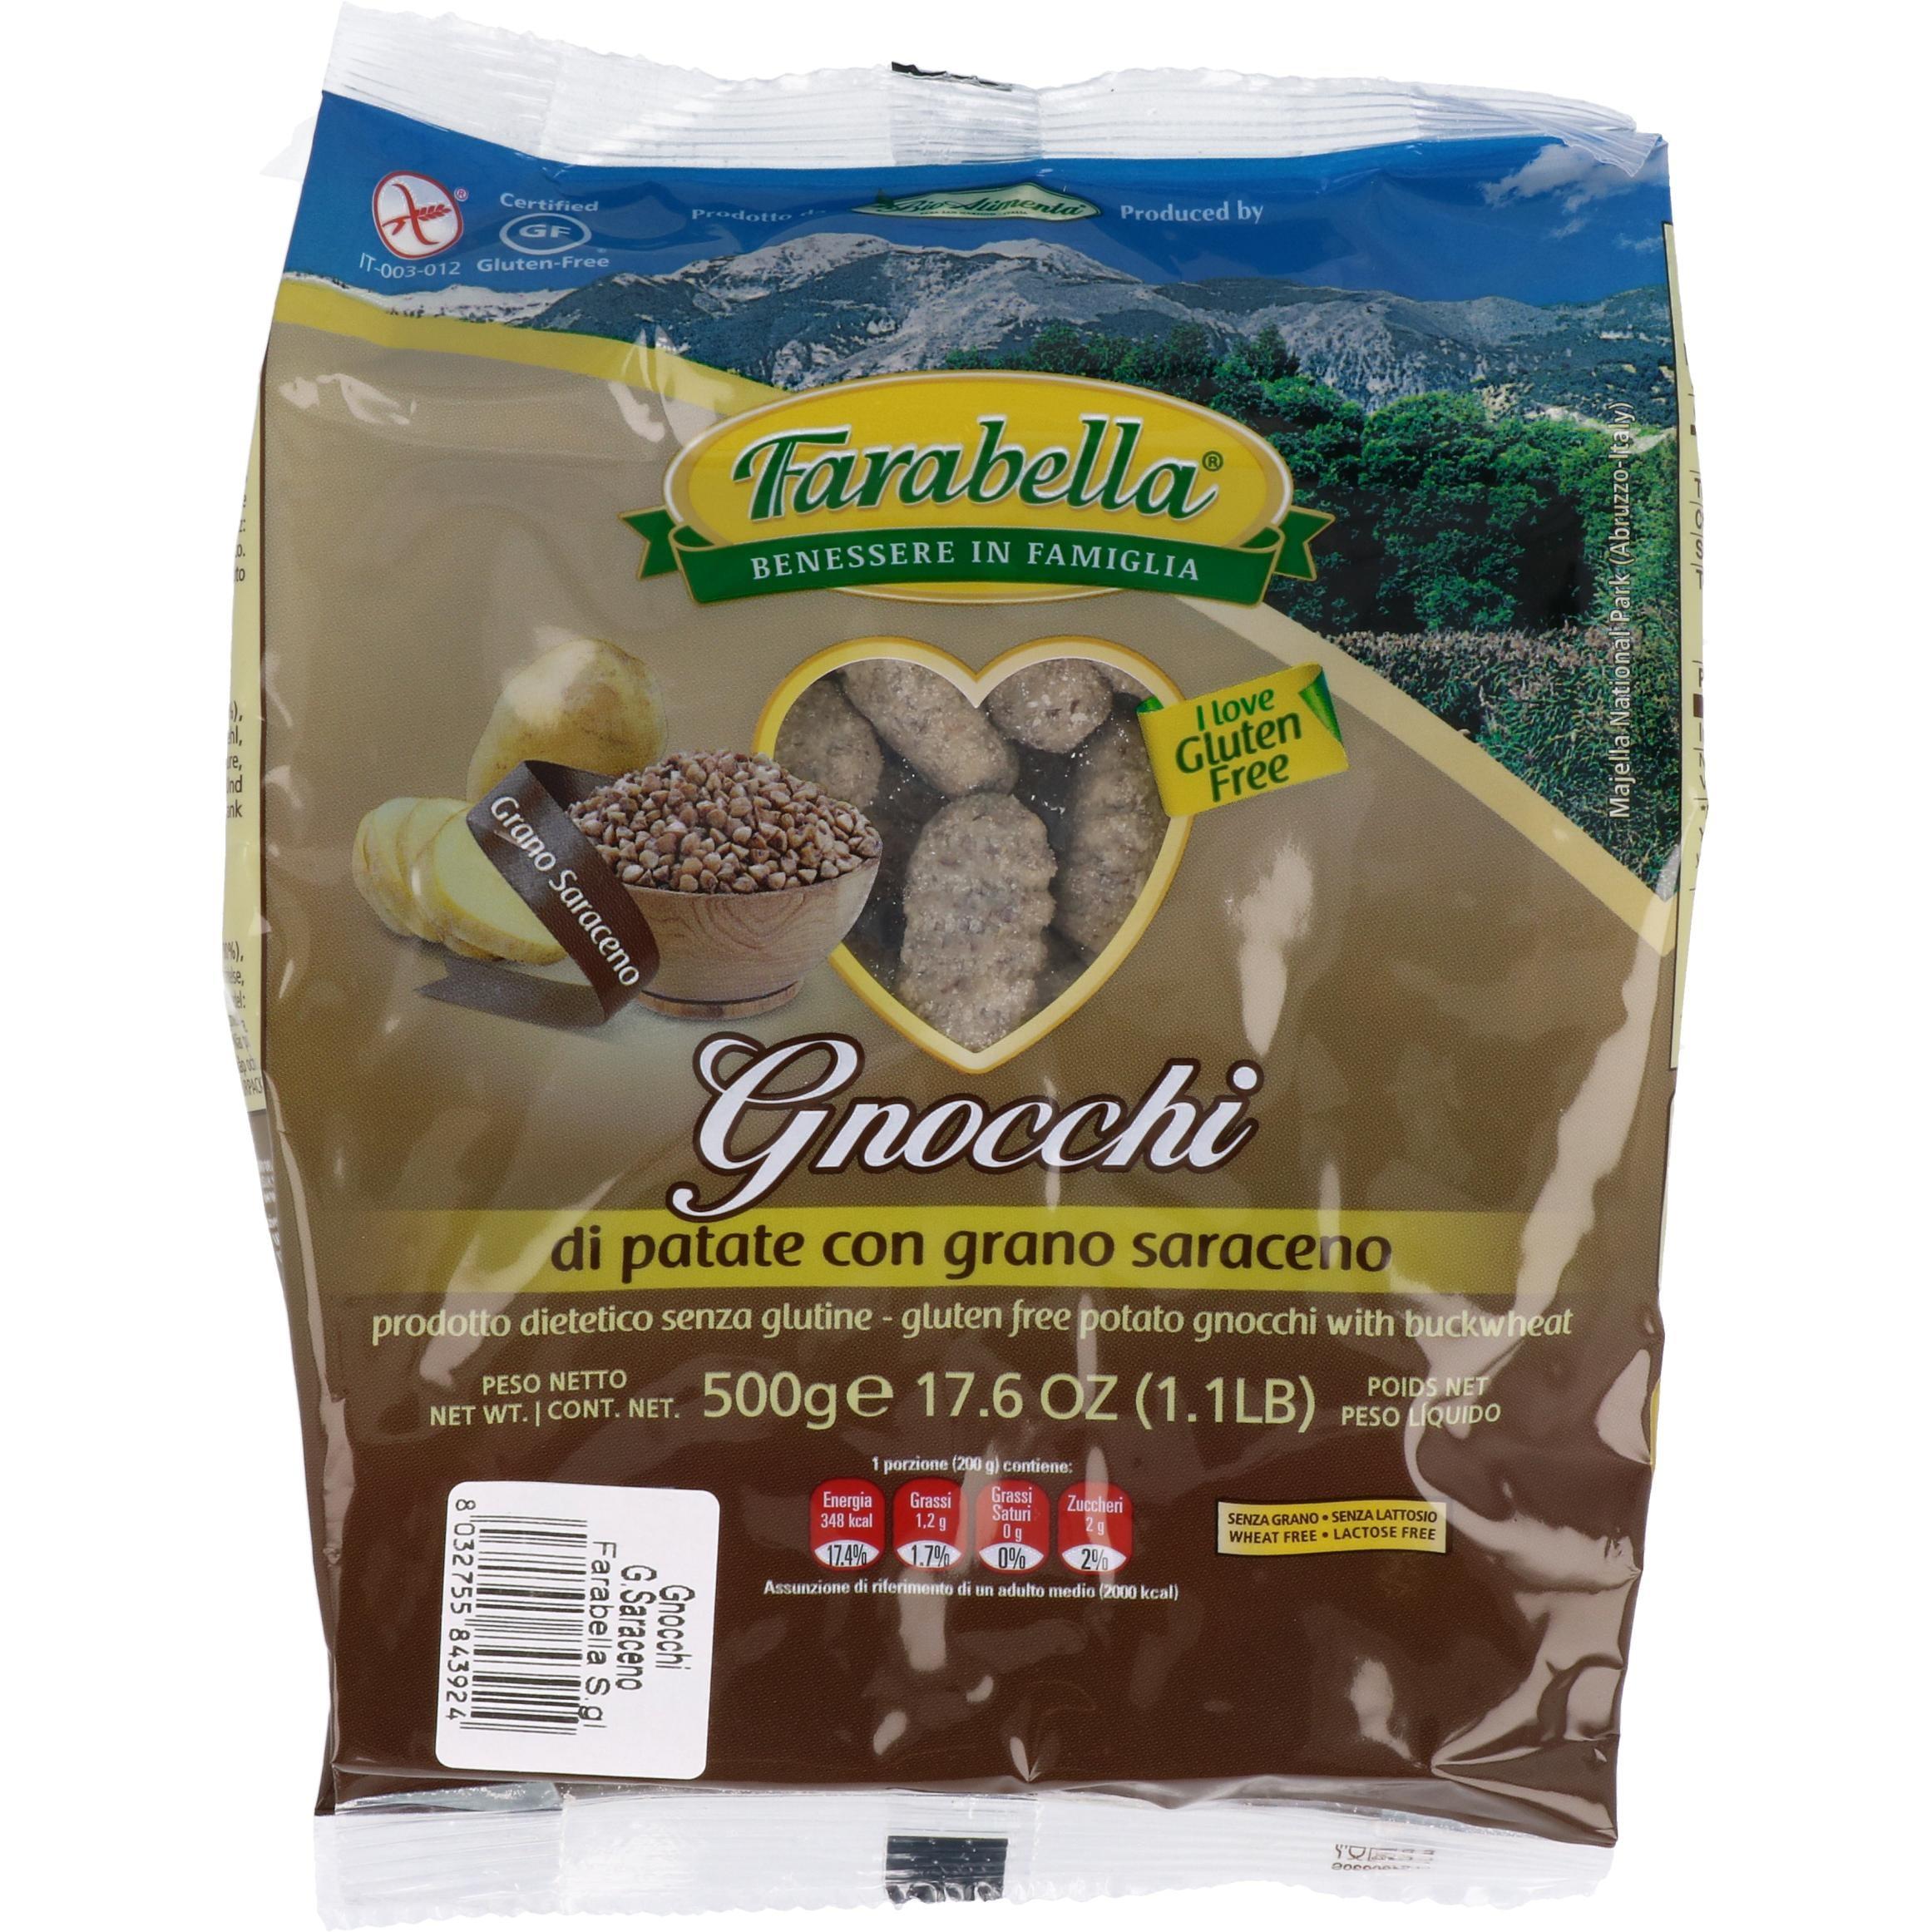 Farabella Gnocchi al saraceno Buchweizen 500g